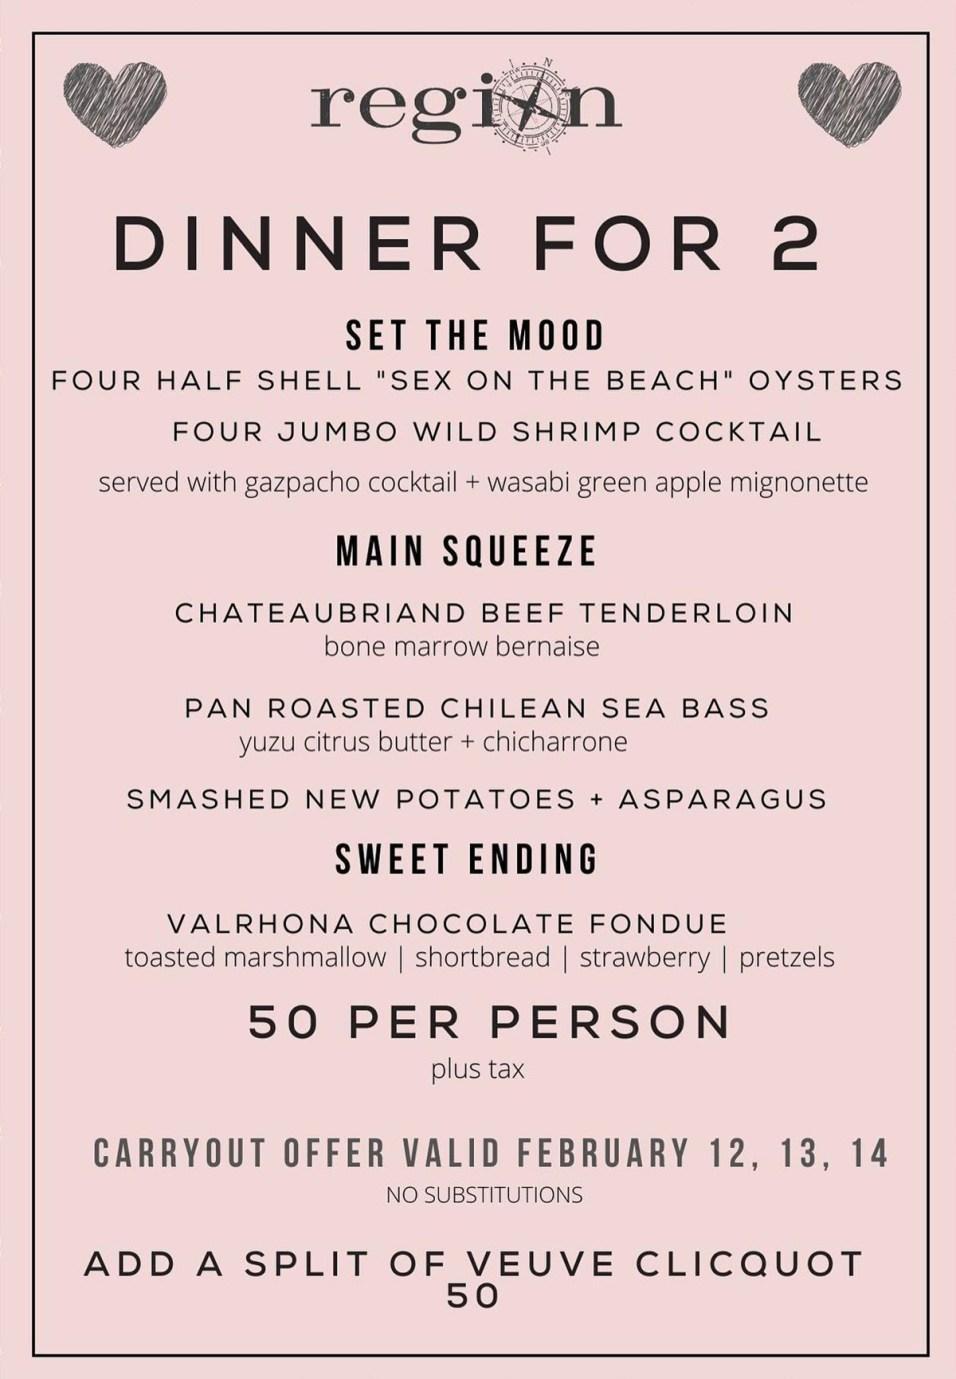 365 - Region Restaurant Valentine Menu